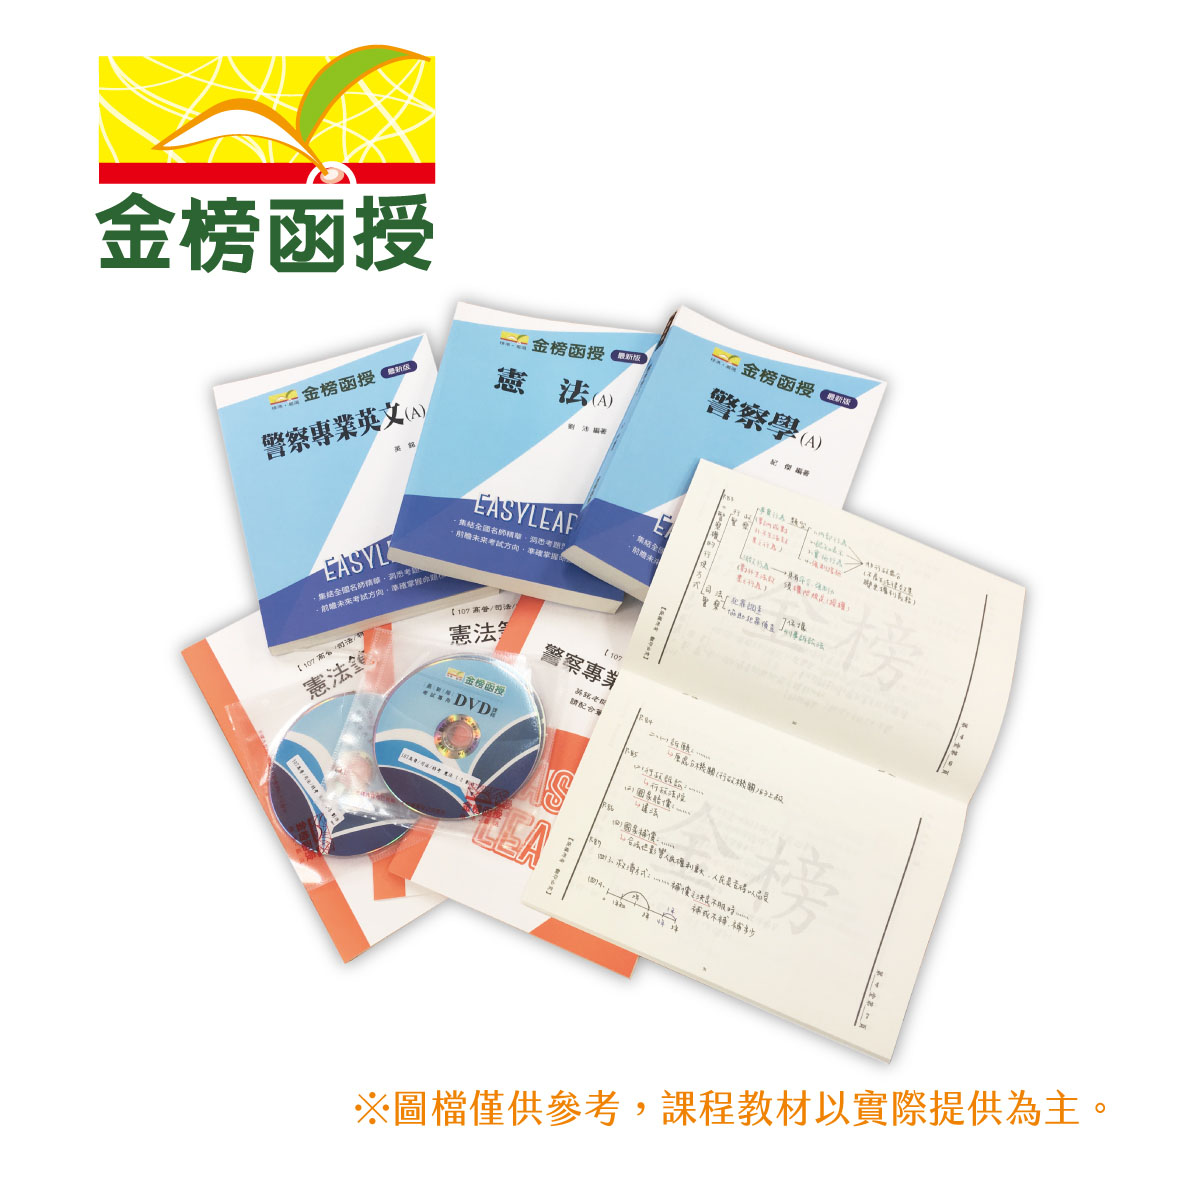 107金榜函授/地方特考/四等/全套/劳工行政/云端